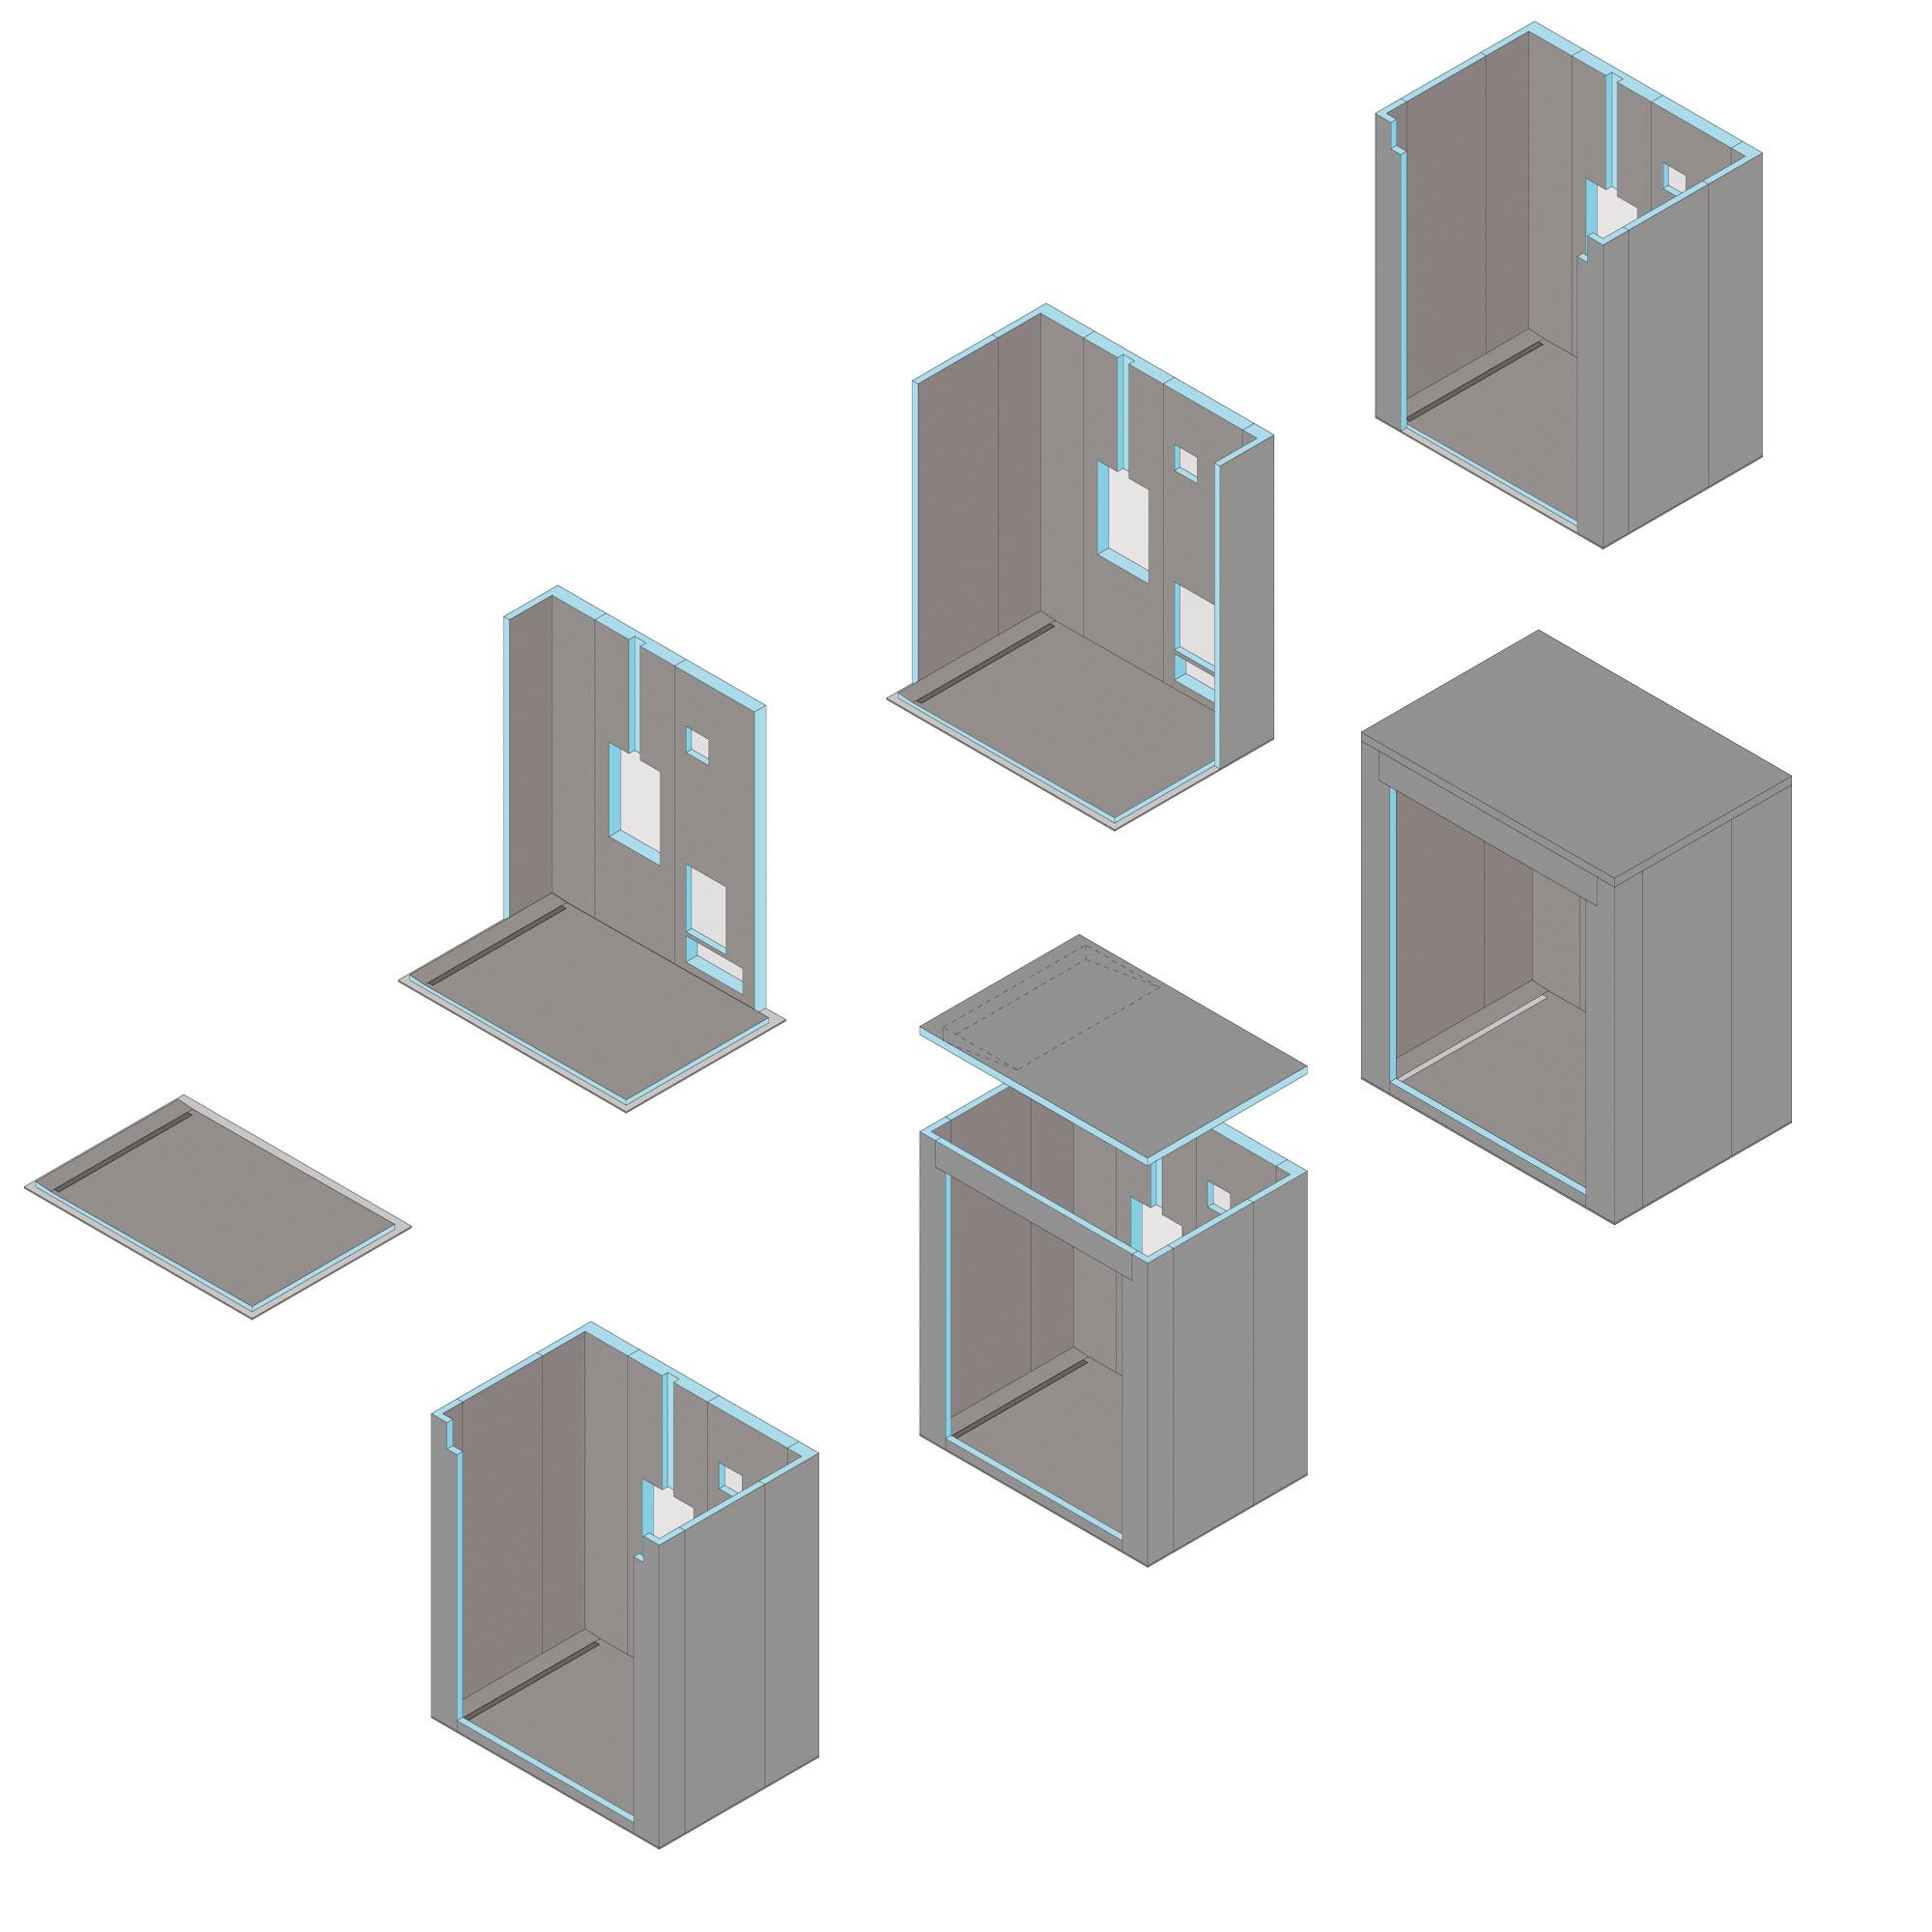 Steambox - Effegibi